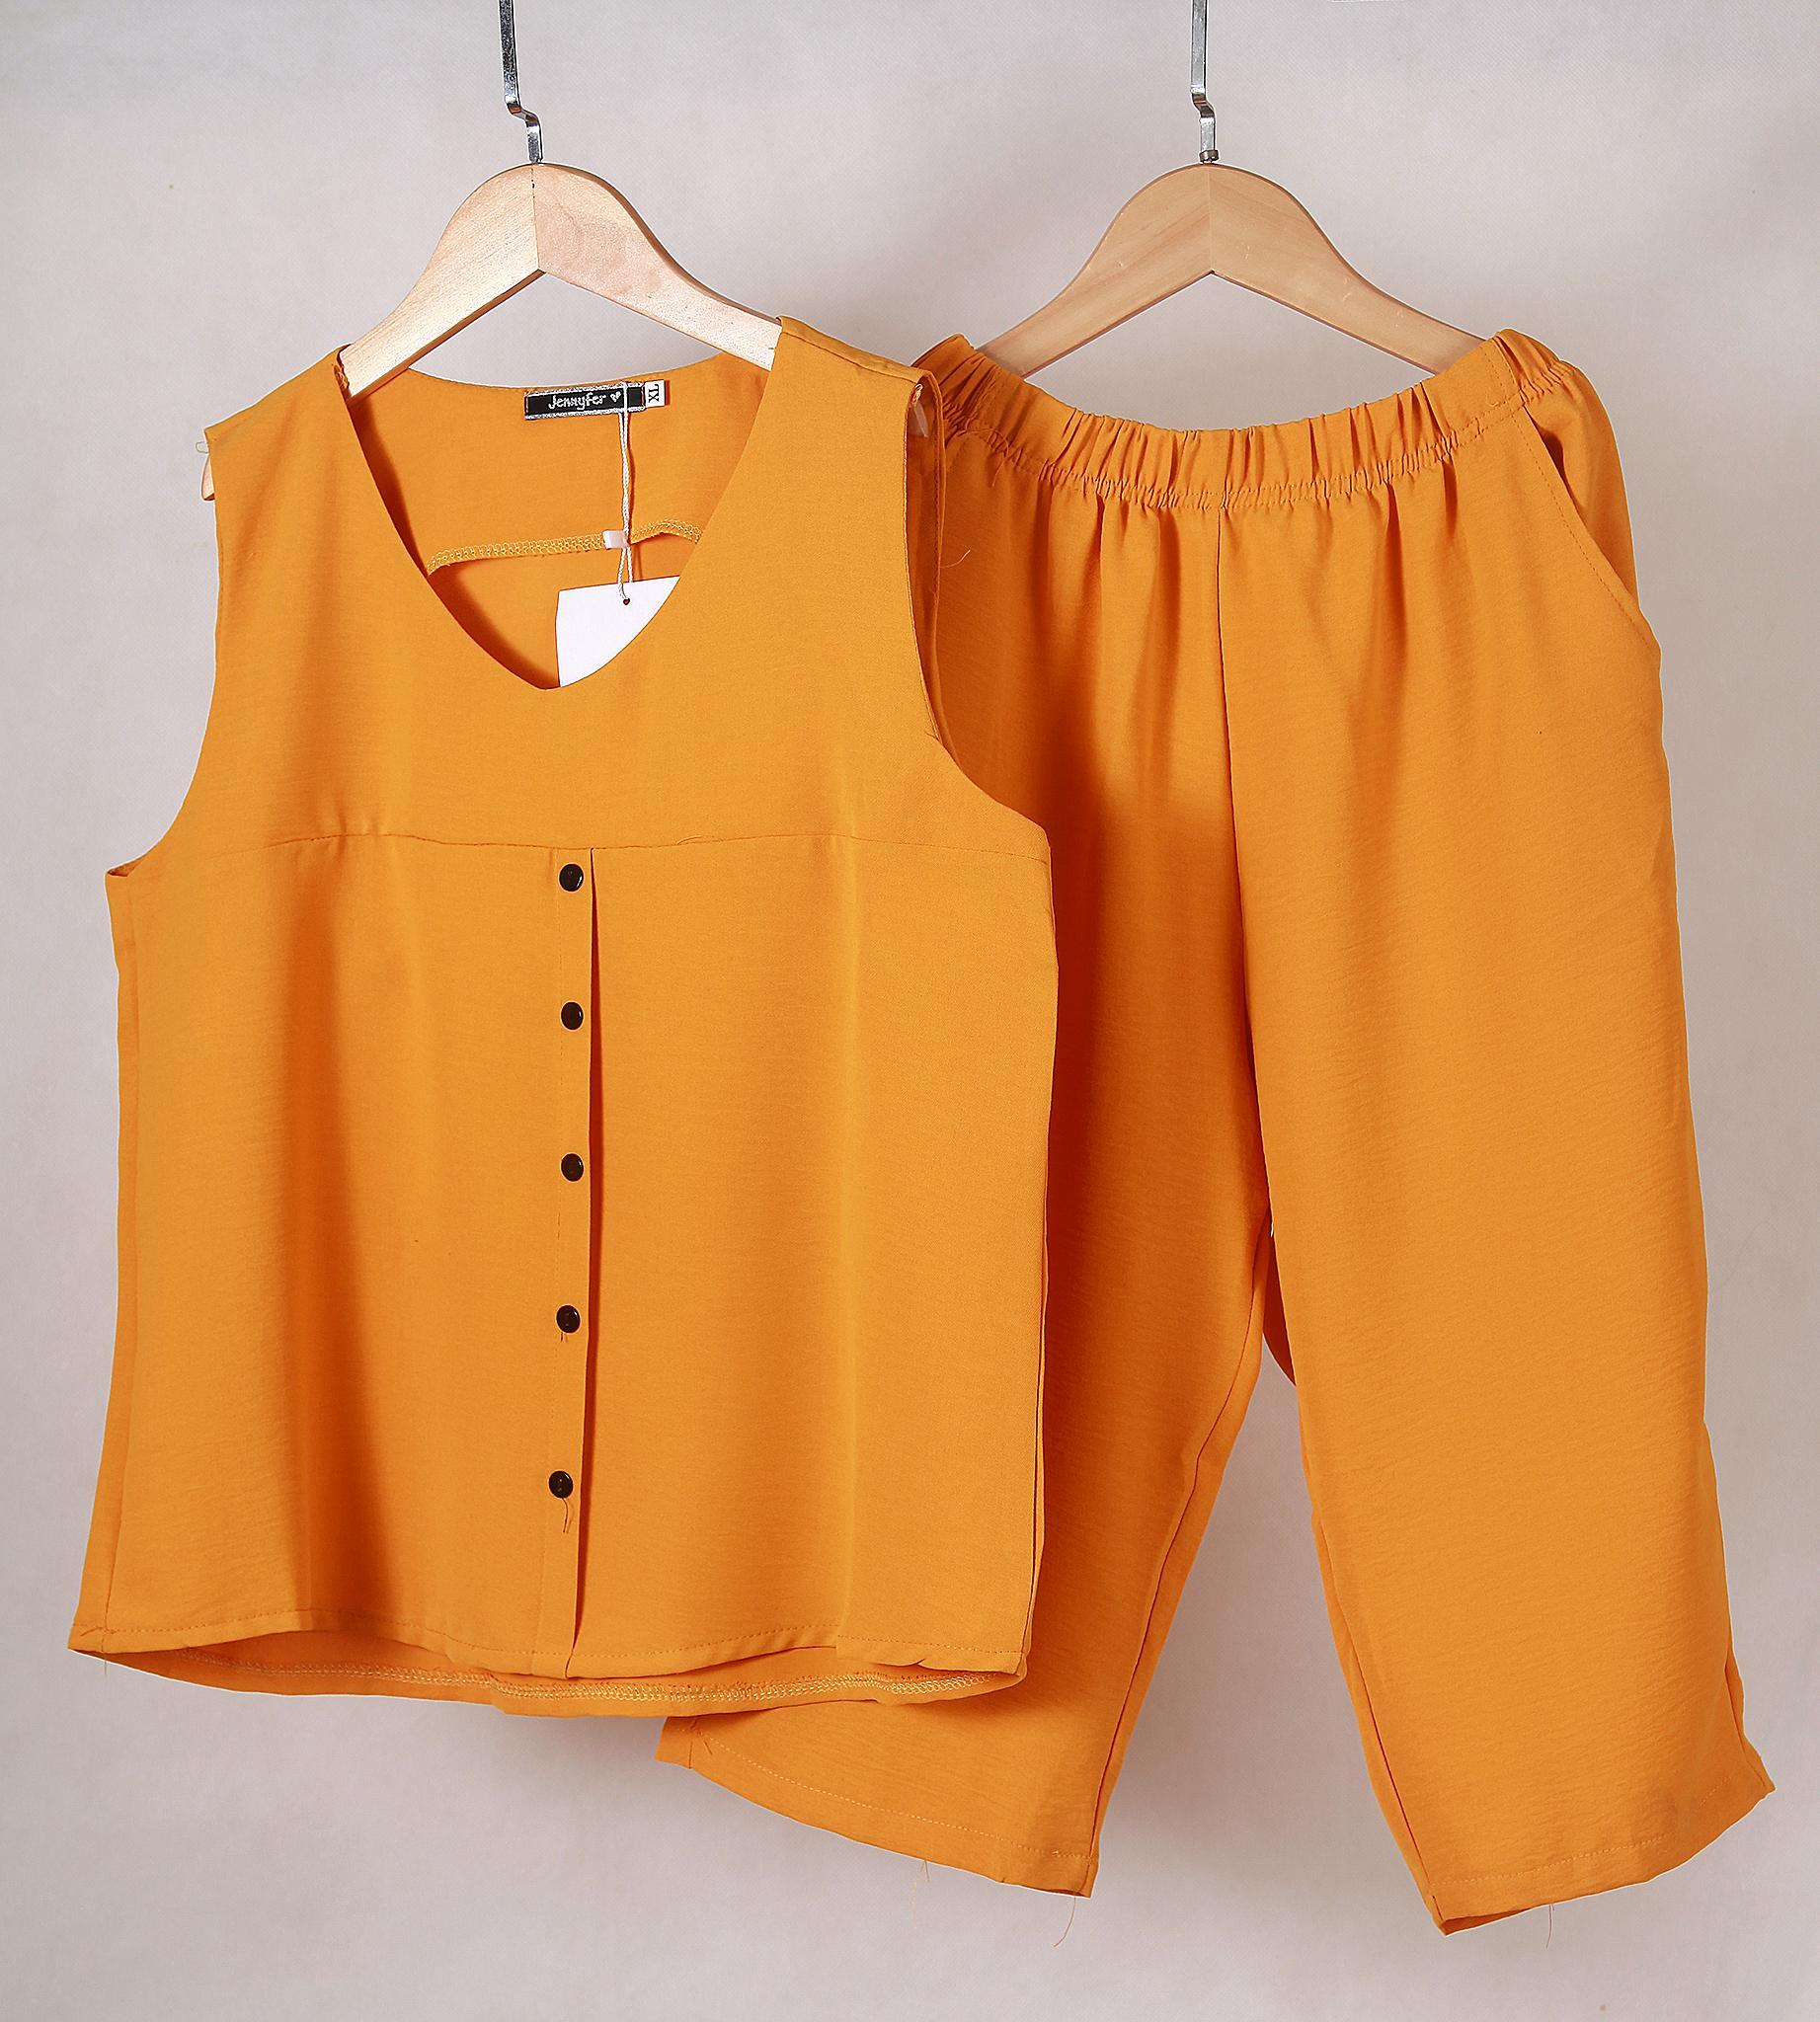 Đồ bộ nữ, Đồ bộ lửng mặc nhà SLOVE, chất liệu vải đũi nhẹ nhàng thoáng mát, 4 màu: Đen - cam đất - xanh ngọc - vàng Đa dụng. 5 size: M-L-XL-XXL-3XL